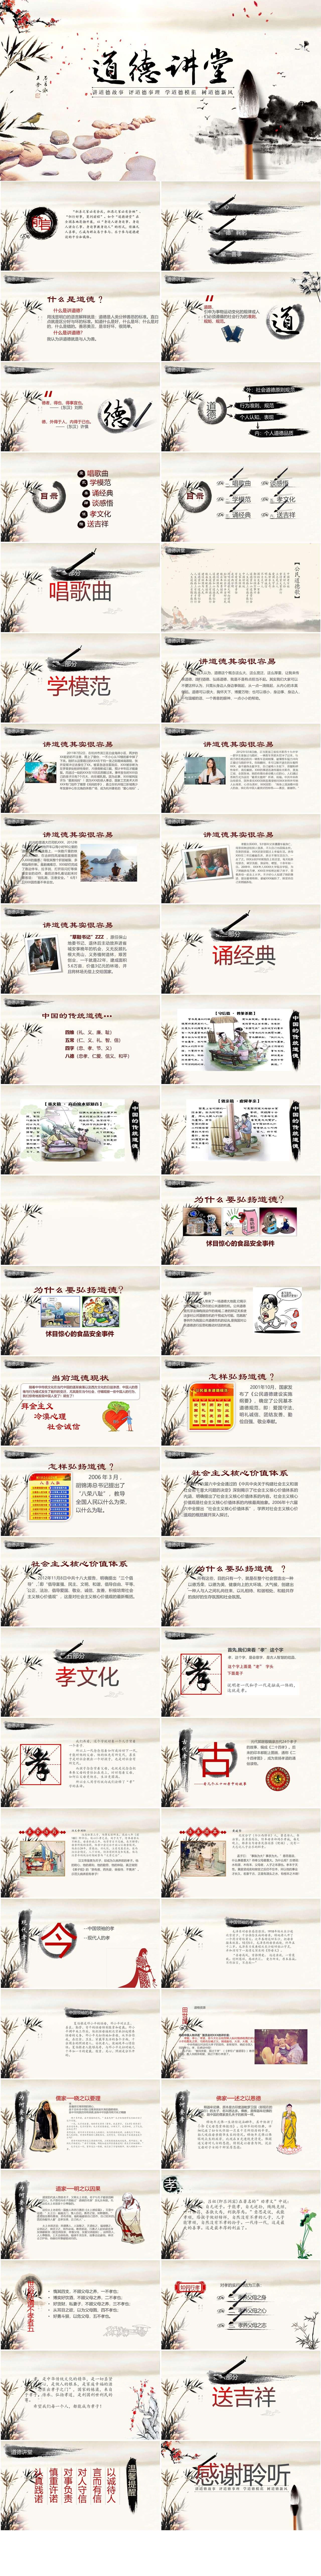 中国风道德讲堂教育宣传演讲PPT模板插图1